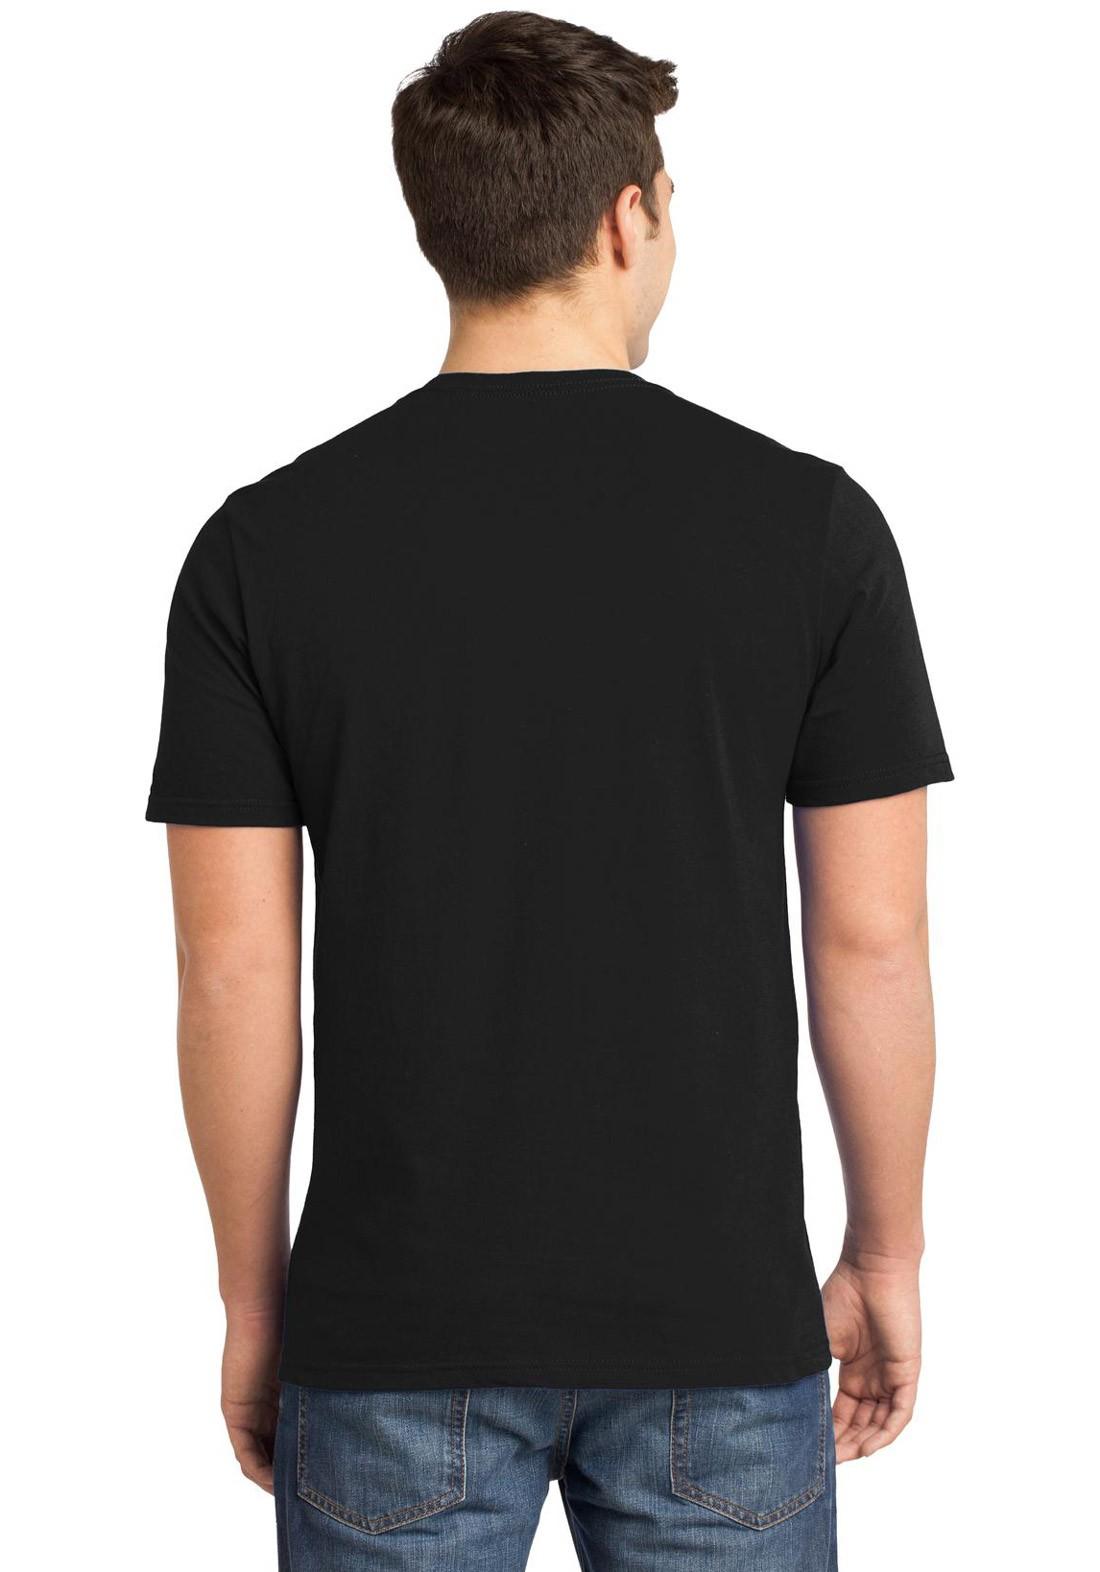 Camiseta Masculina Universitária Faculdade Arquitetura e Urbanismo